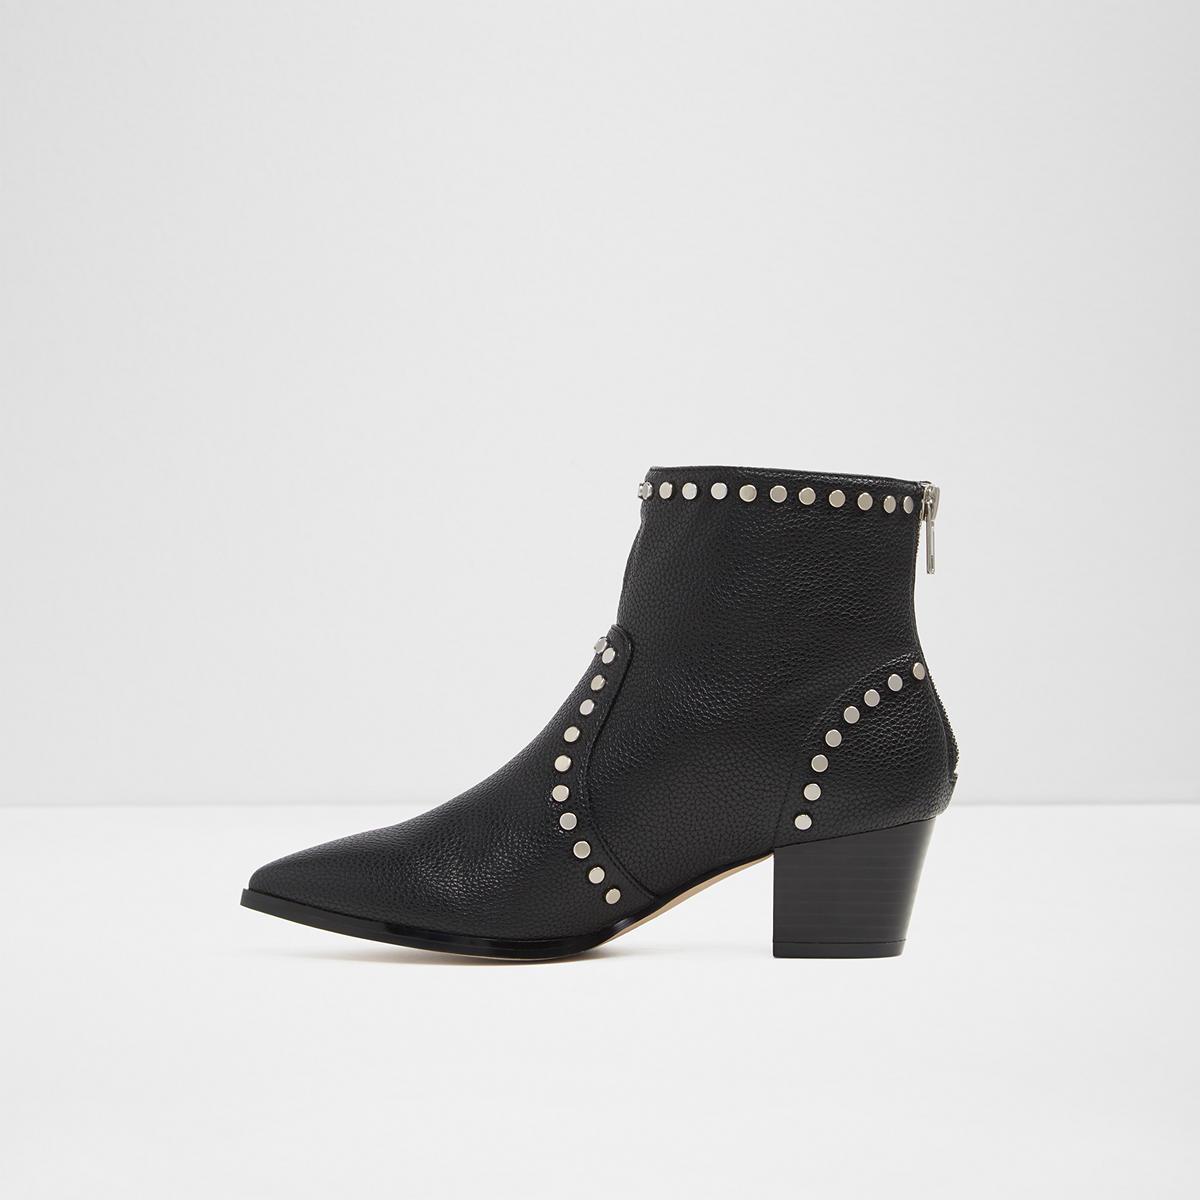 ALDO ALERAMA - Ankle boots - white dcy3RPm